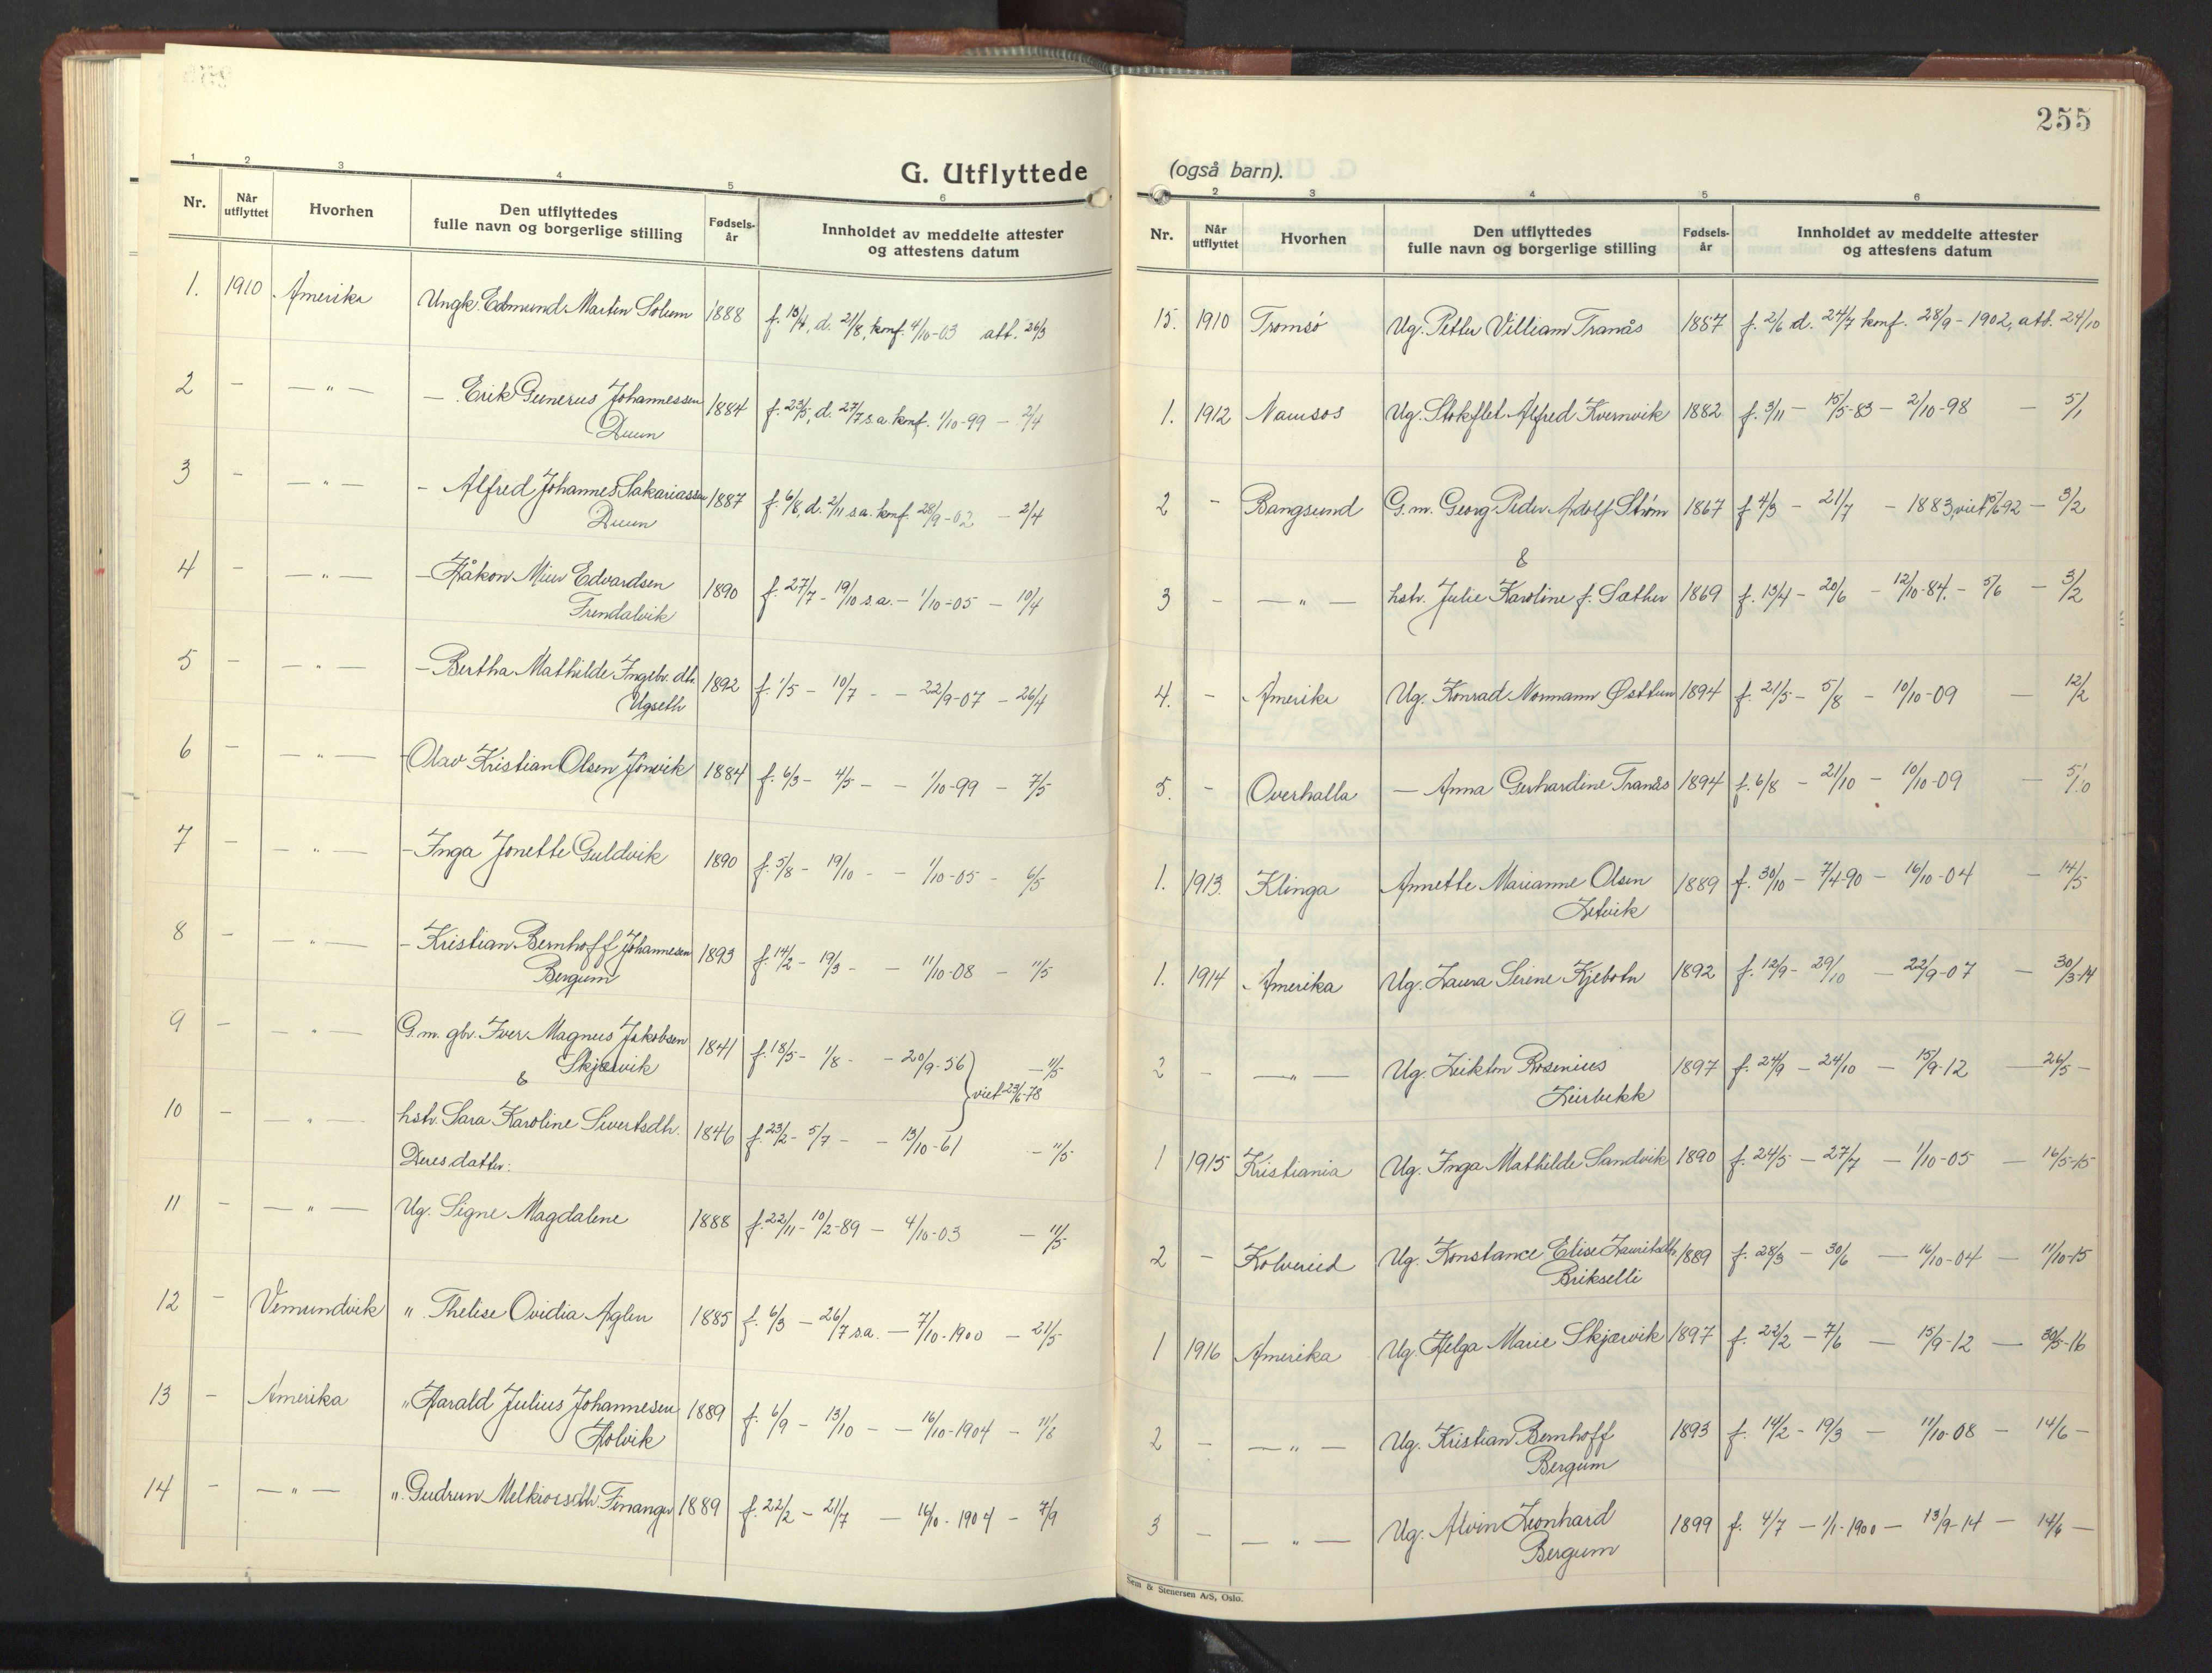 SAT, Ministerialprotokoller, klokkerbøker og fødselsregistre - Nord-Trøndelag, 773/L0625: Klokkerbok nr. 773C01, 1910-1952, s. 255